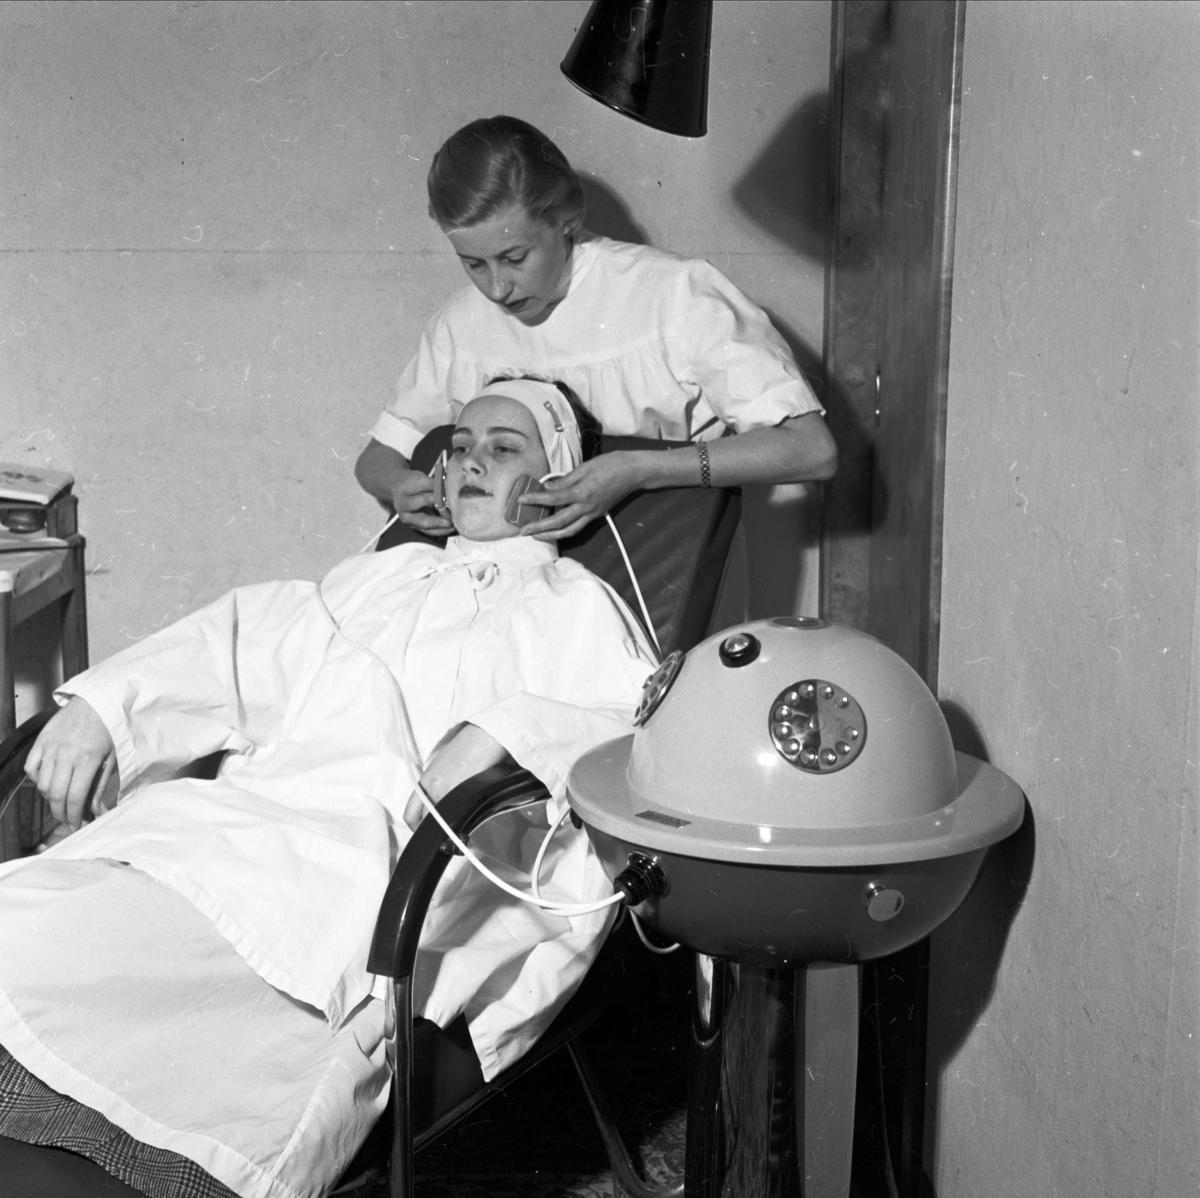 Hårklippning - ny apparat i Wallins salonger i Uppsala 1955